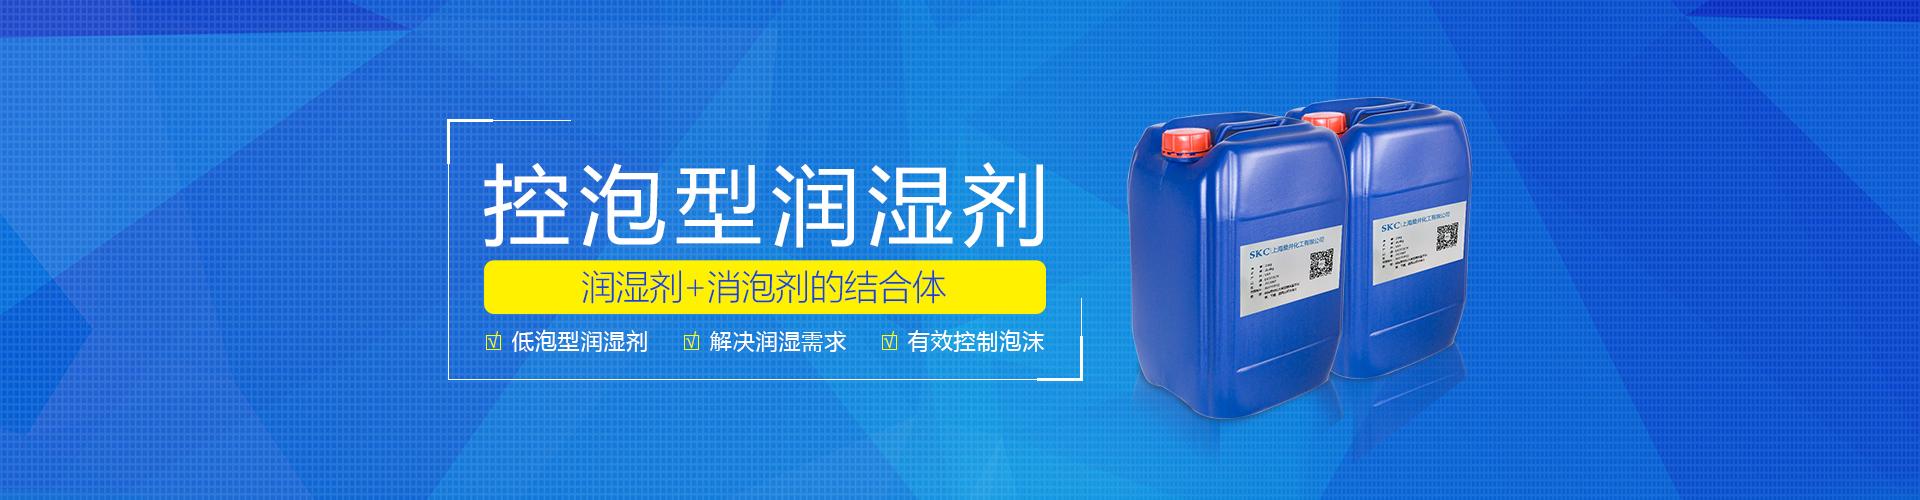 上海桑井化工有限公司